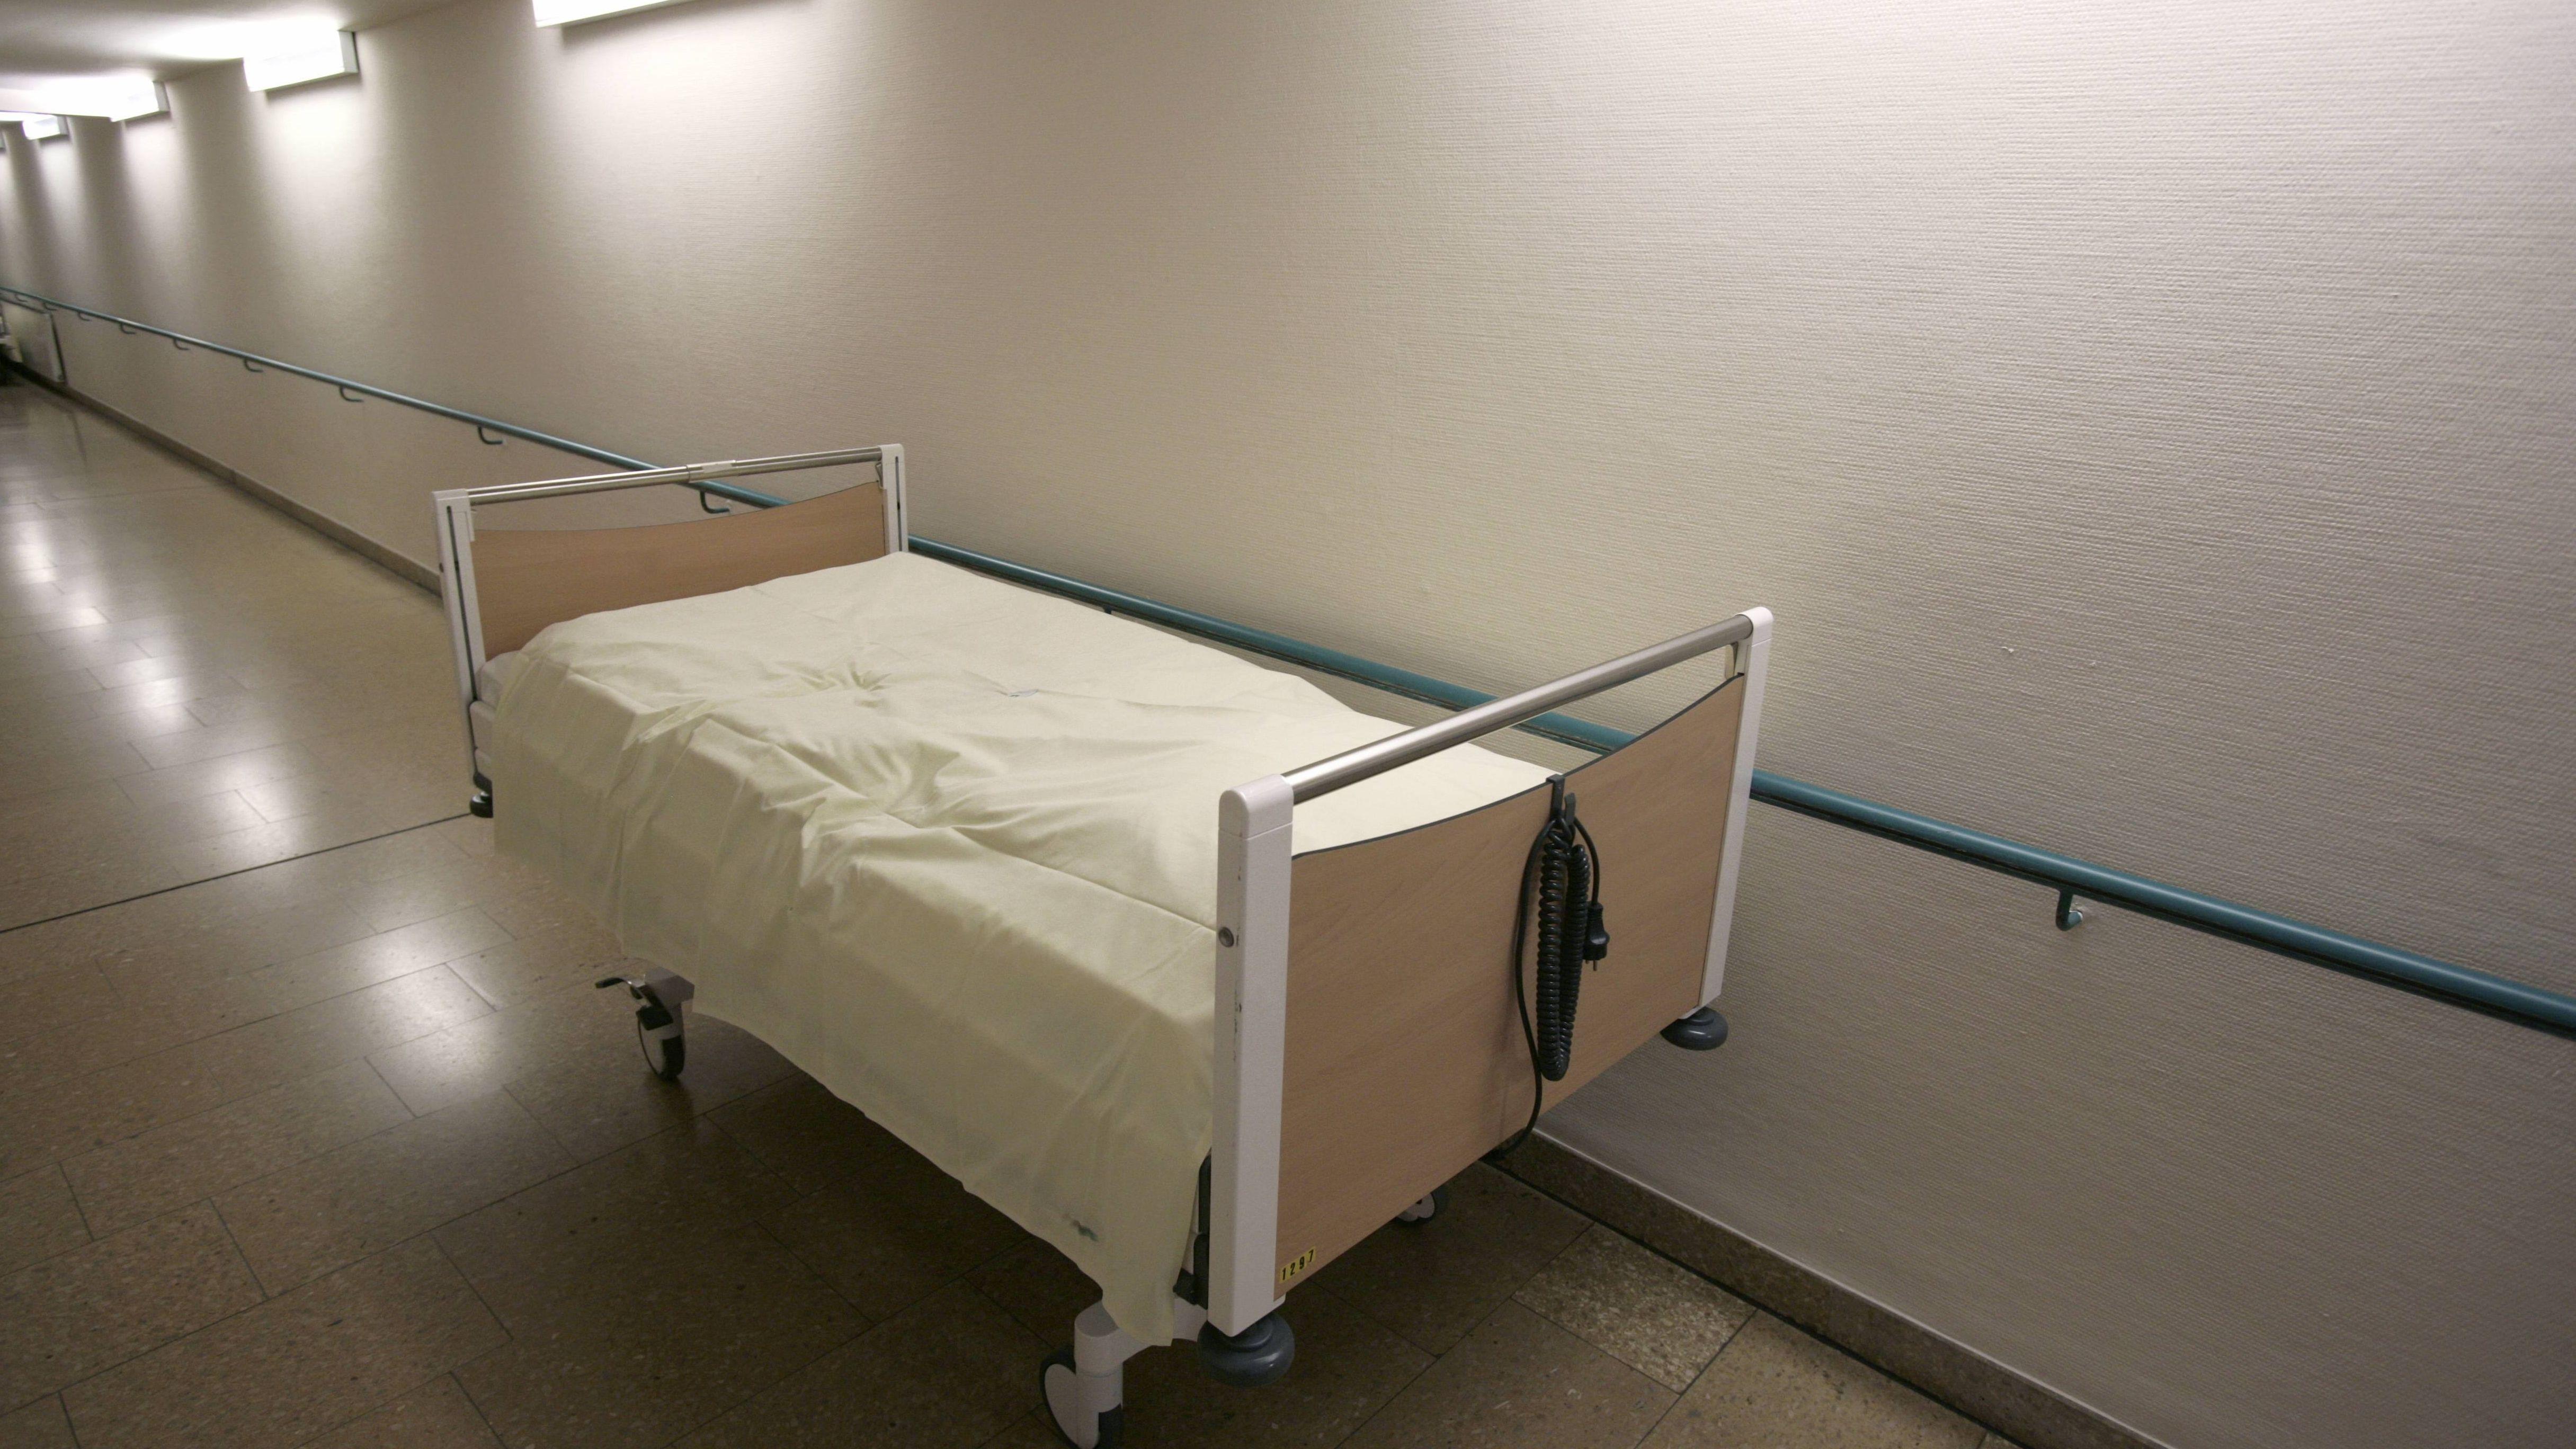 Ein leeres Krankenhausbett. Die Kliniken Nordoberpfalz AG steckt seit Monaten in der Krise.